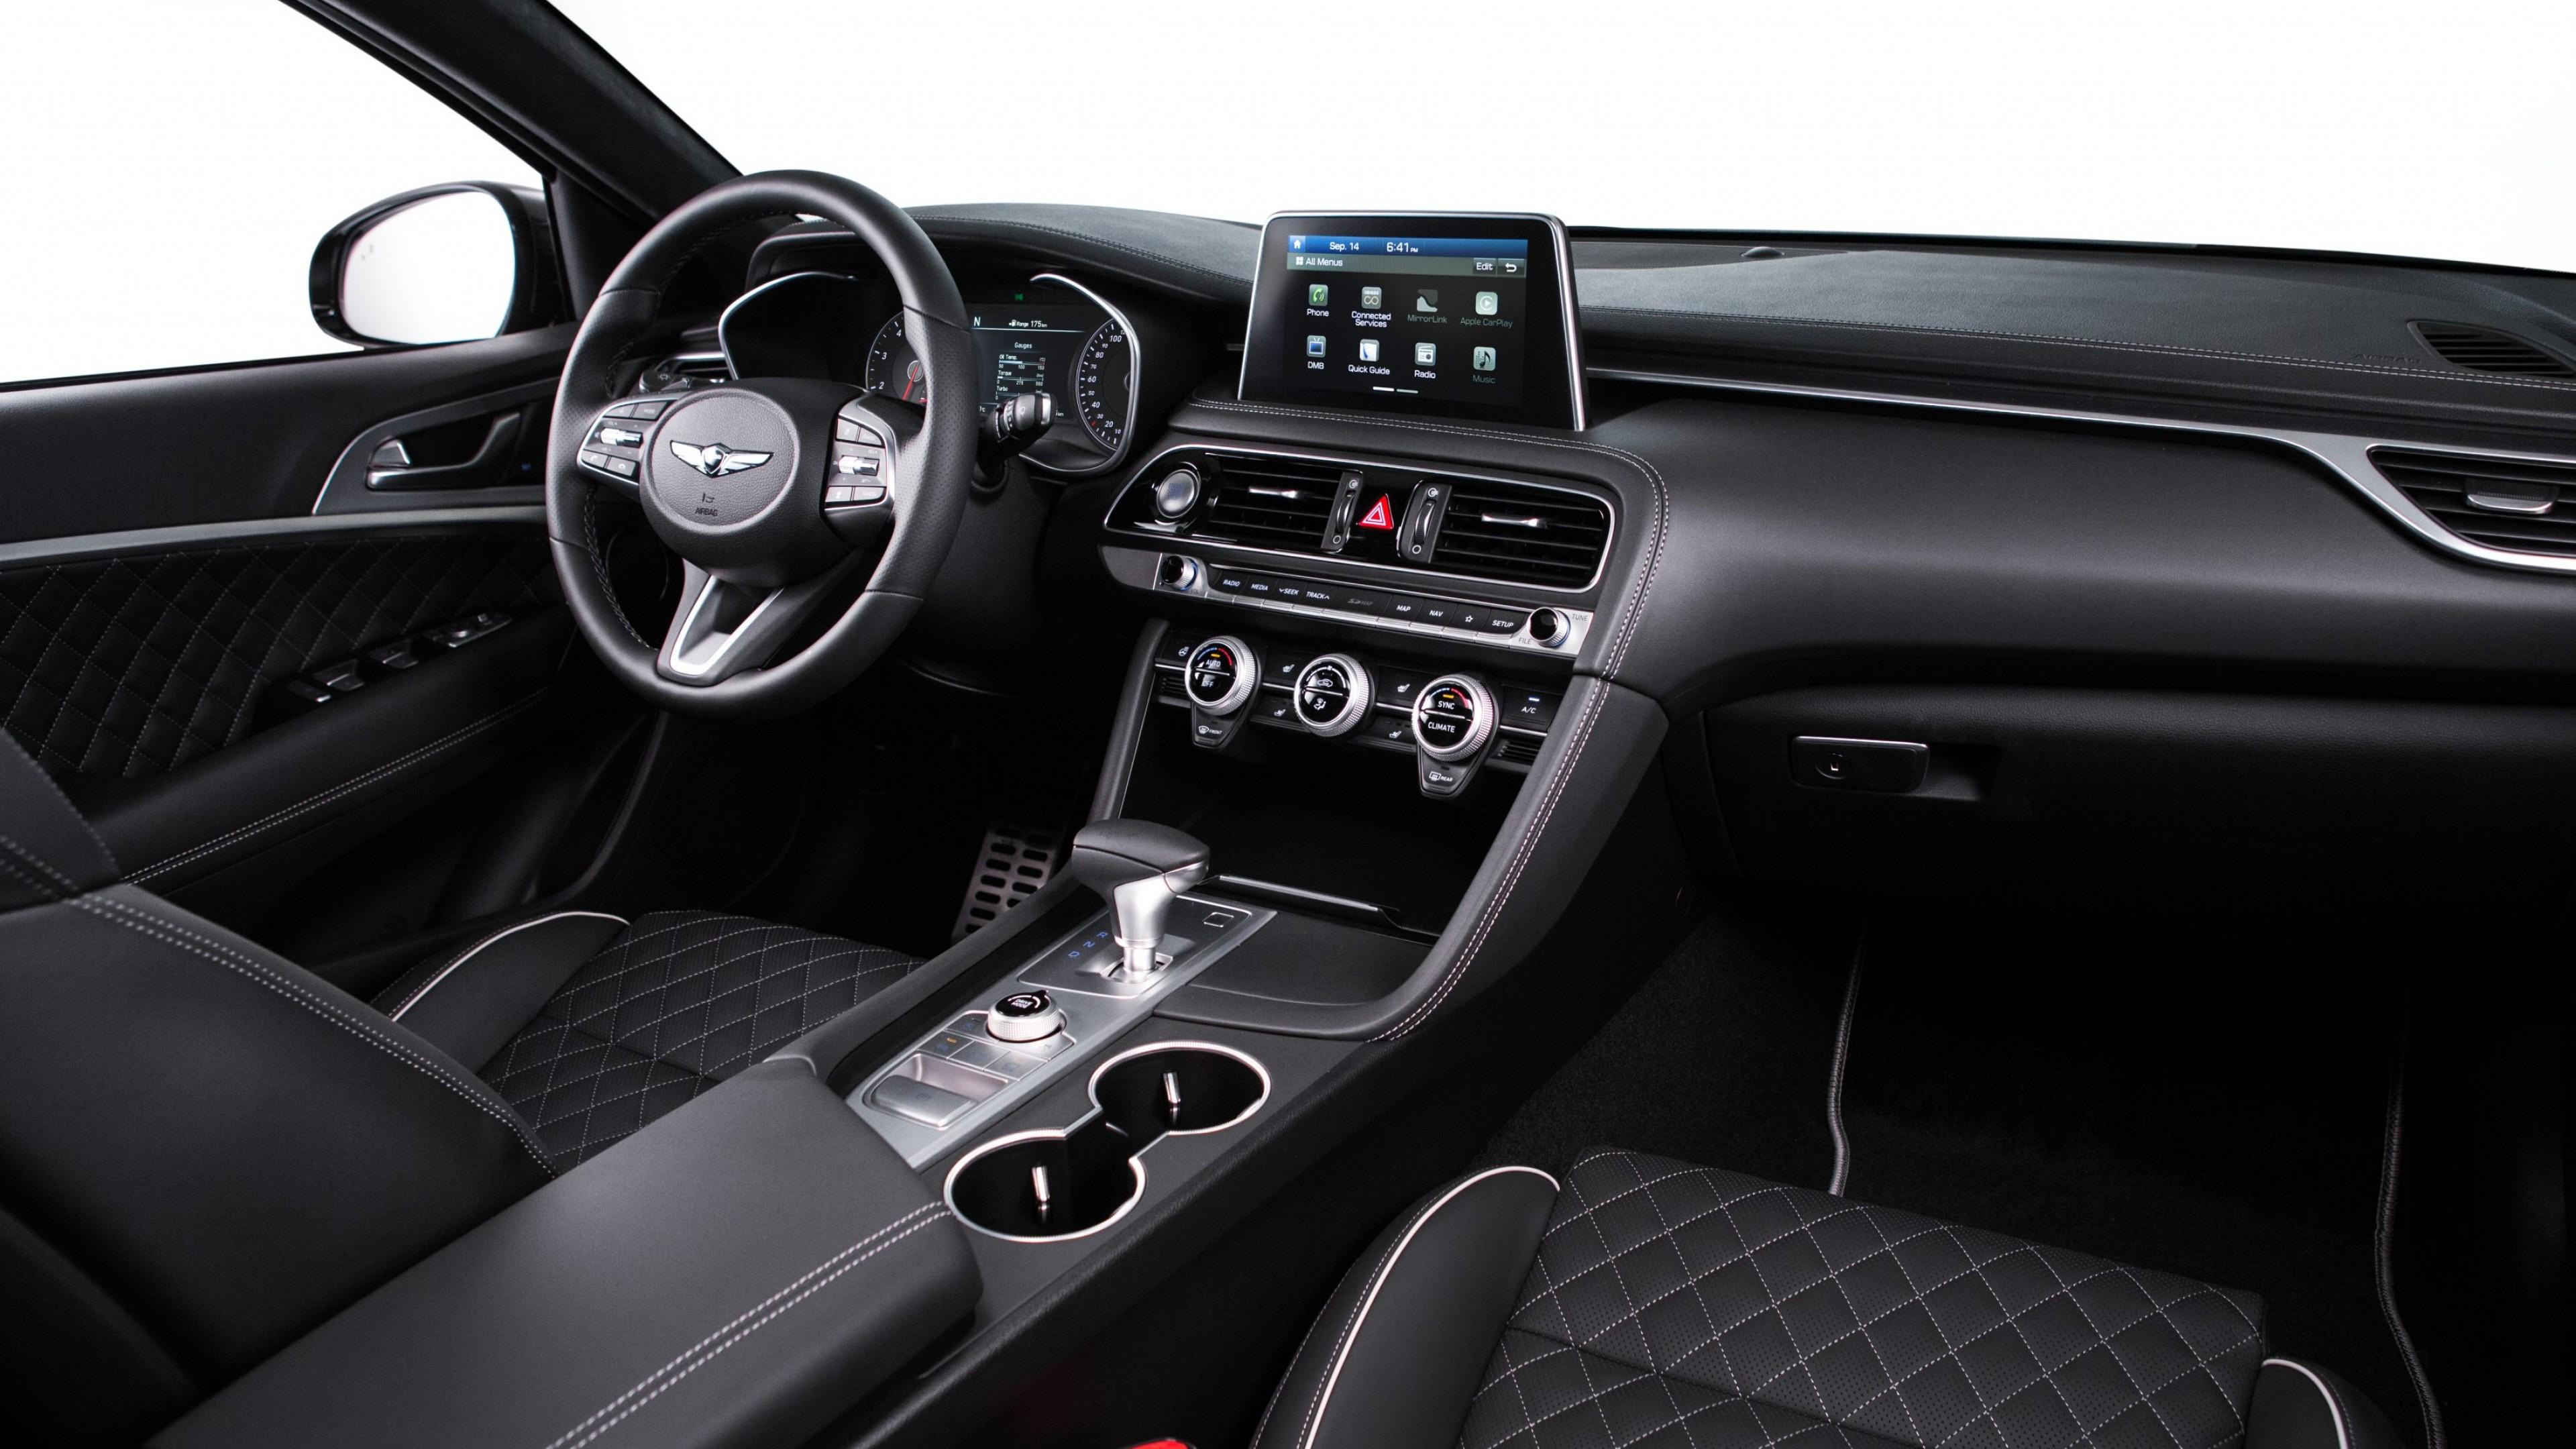 Luxury 2019 Vehicles: Wallpaper Genesis G70, 2019 Cars, Luxury Cars, 4K, Cars